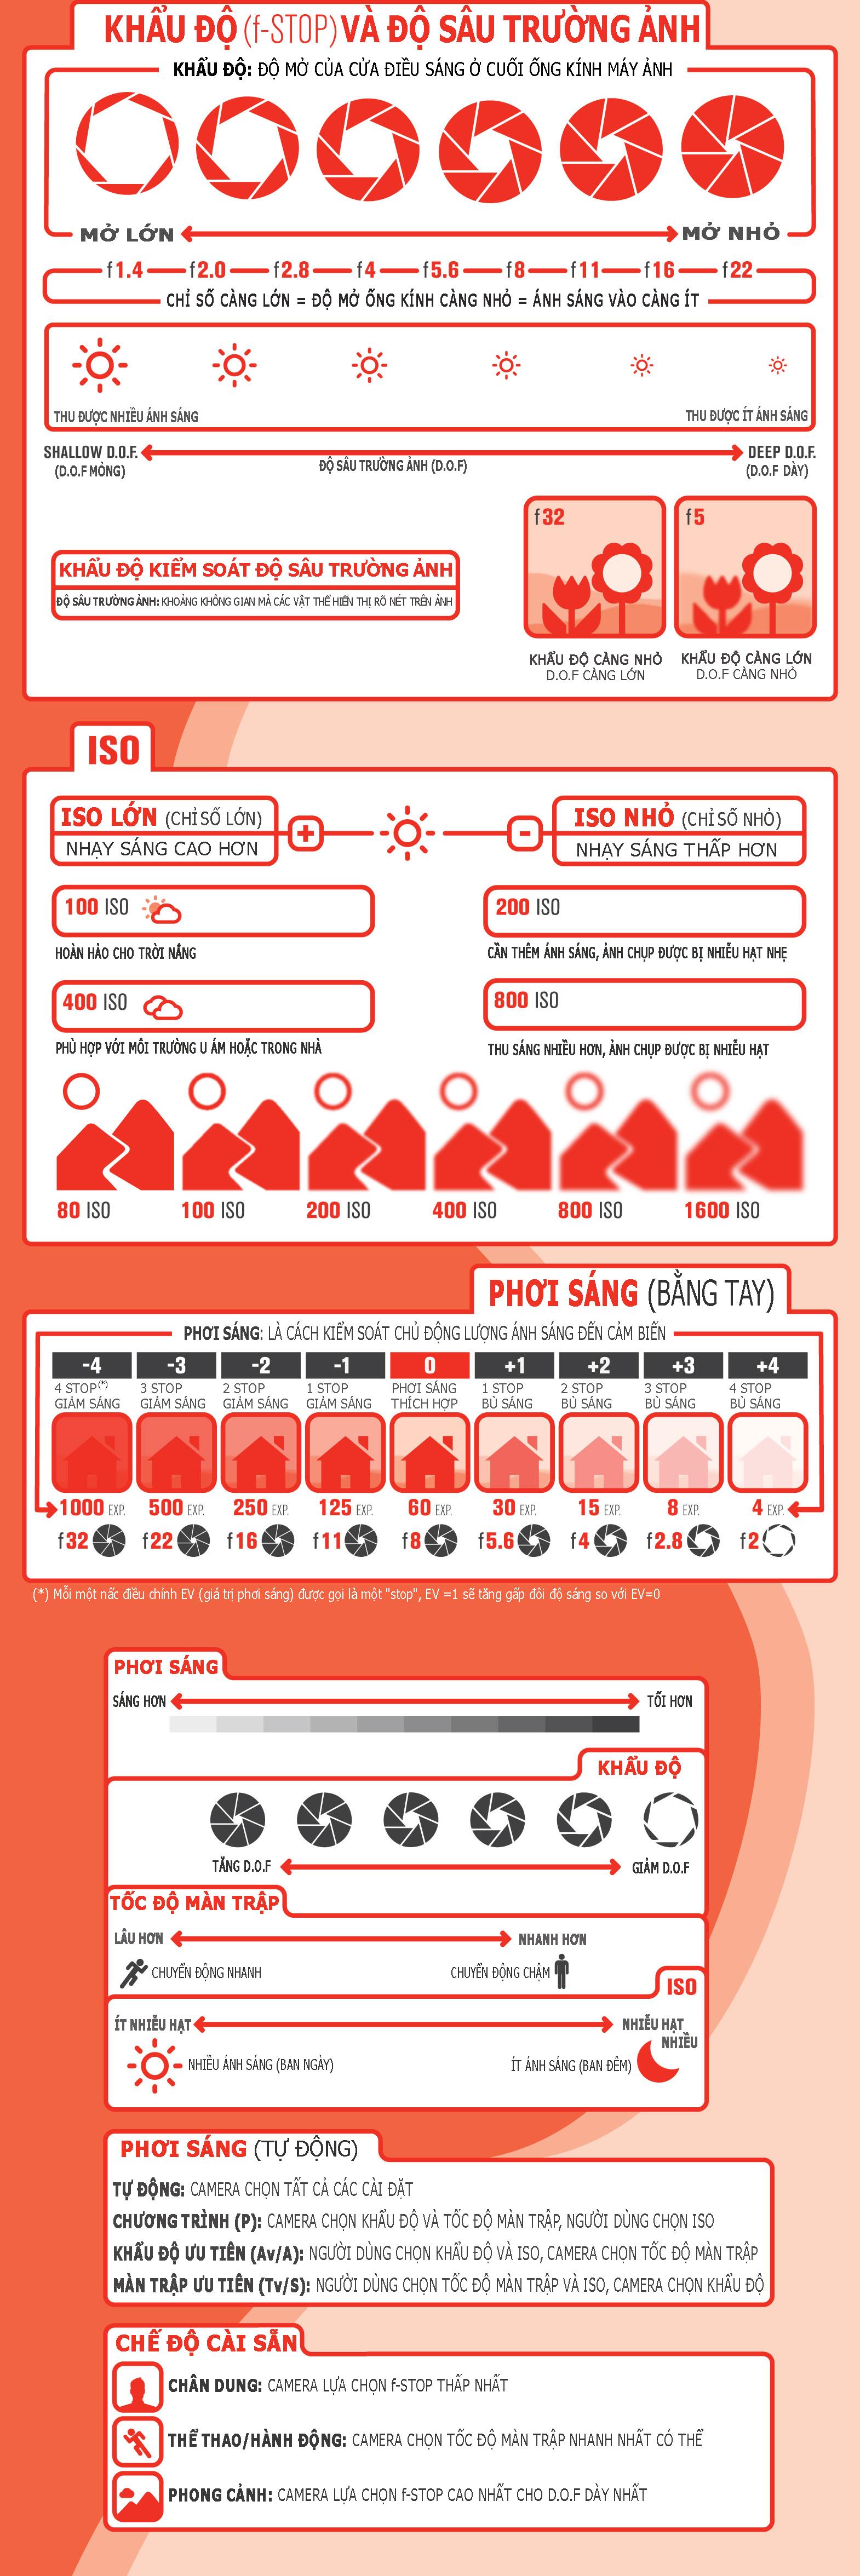 Kiến thức cơ bản về nhiếp ảnh: Khẩu độ, độ sâu trường ảnh